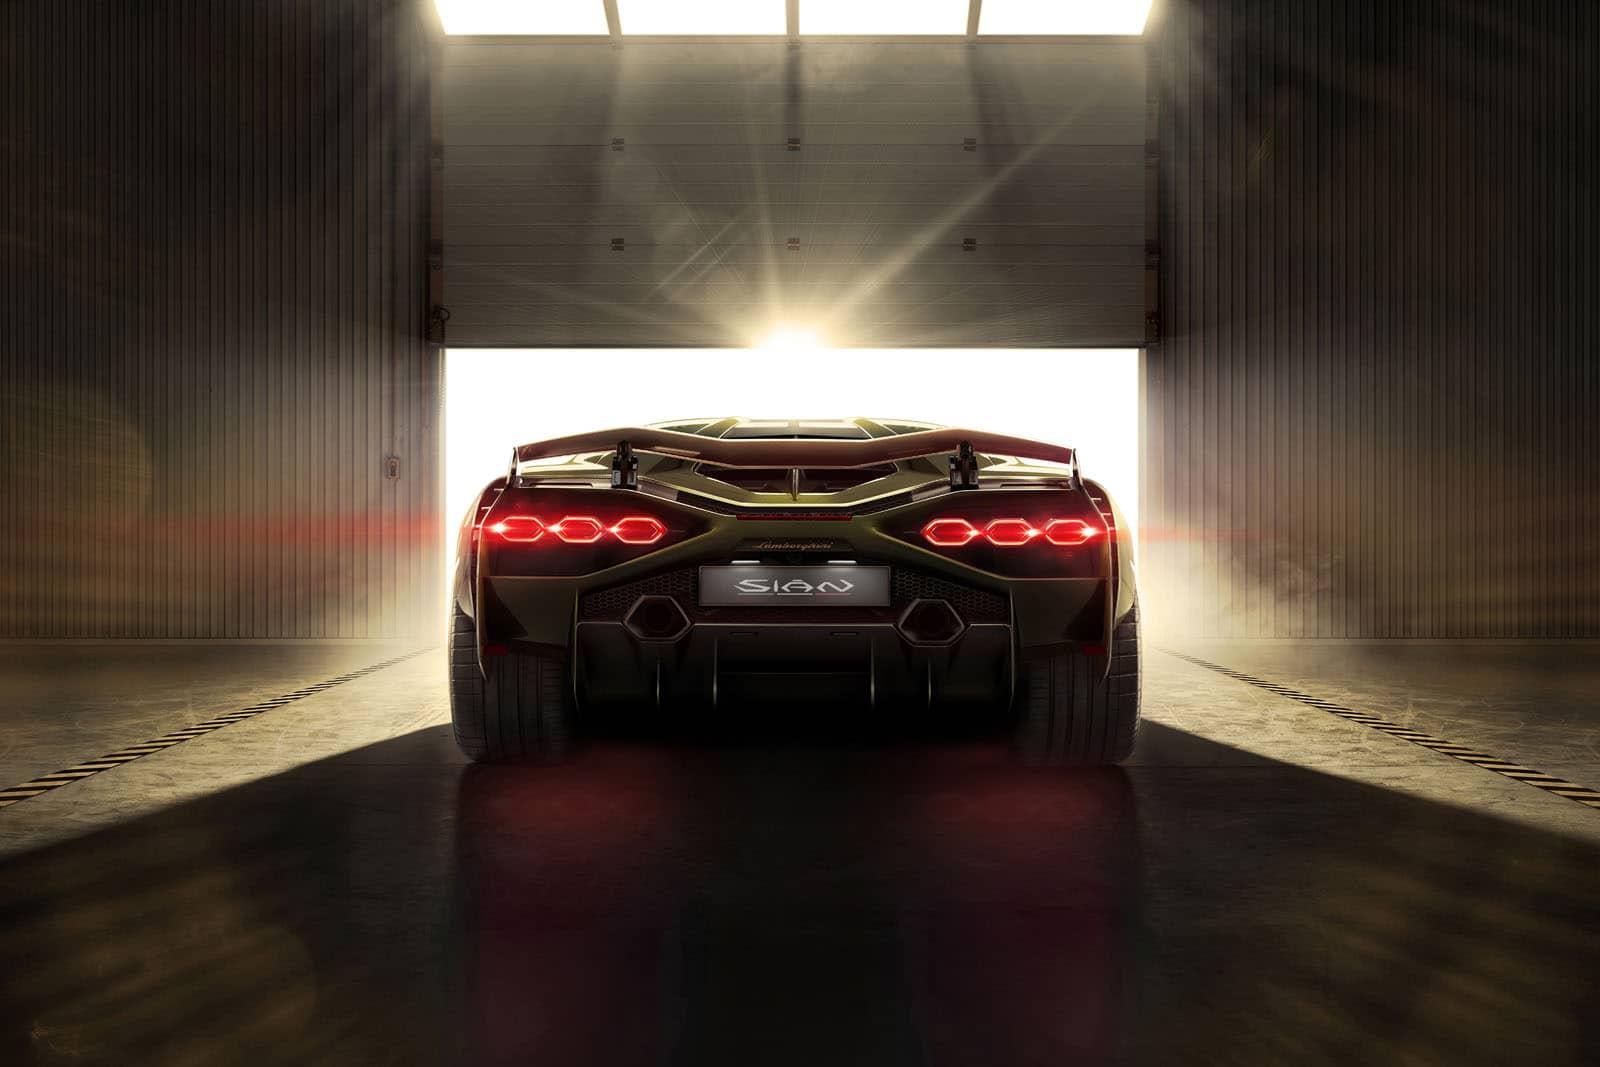 Lamborghini Sian hybrid supercar